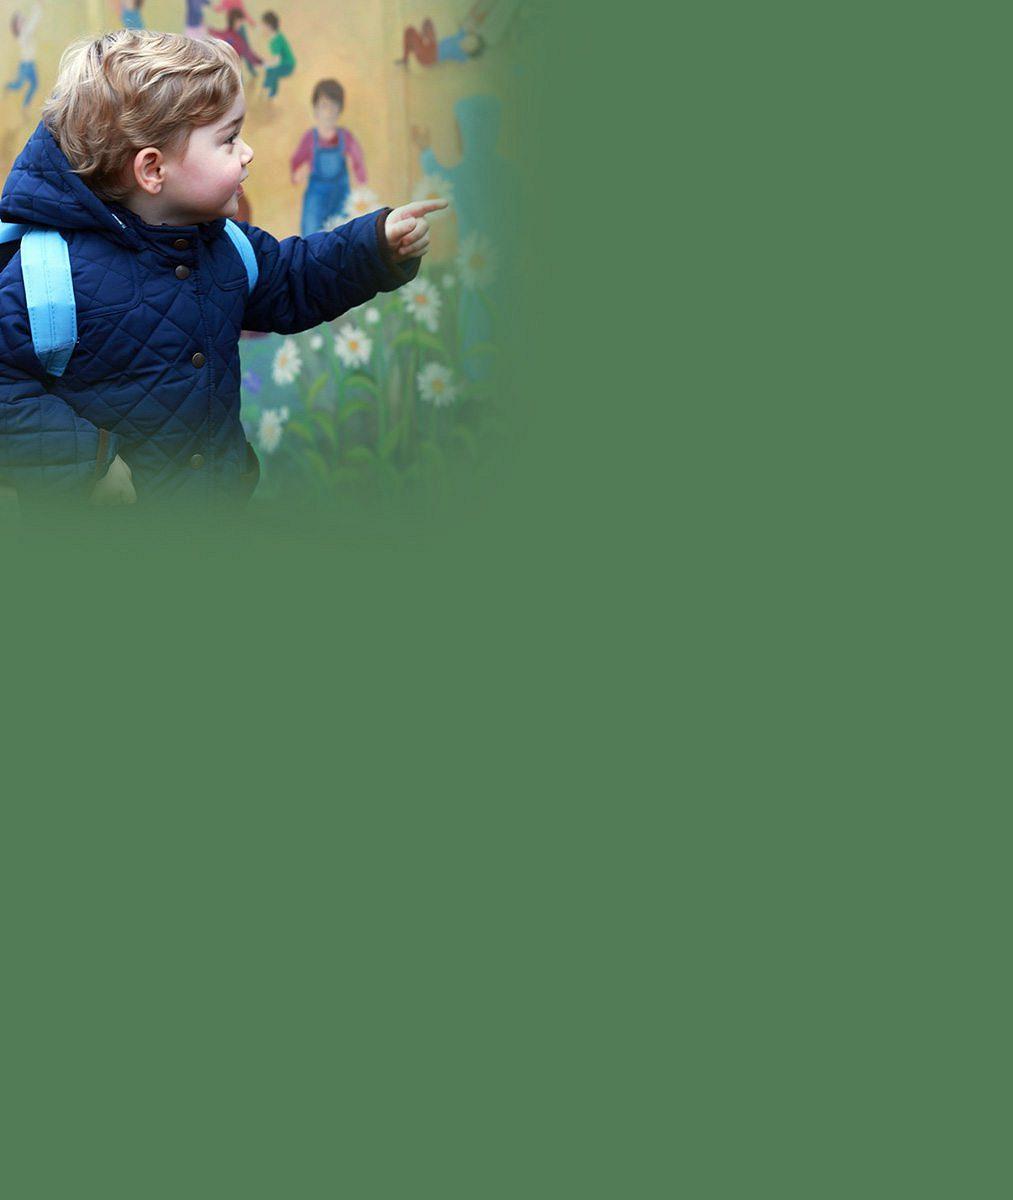 Princ George šel poprvé do školky. A to mu jsou teprve dva roky!